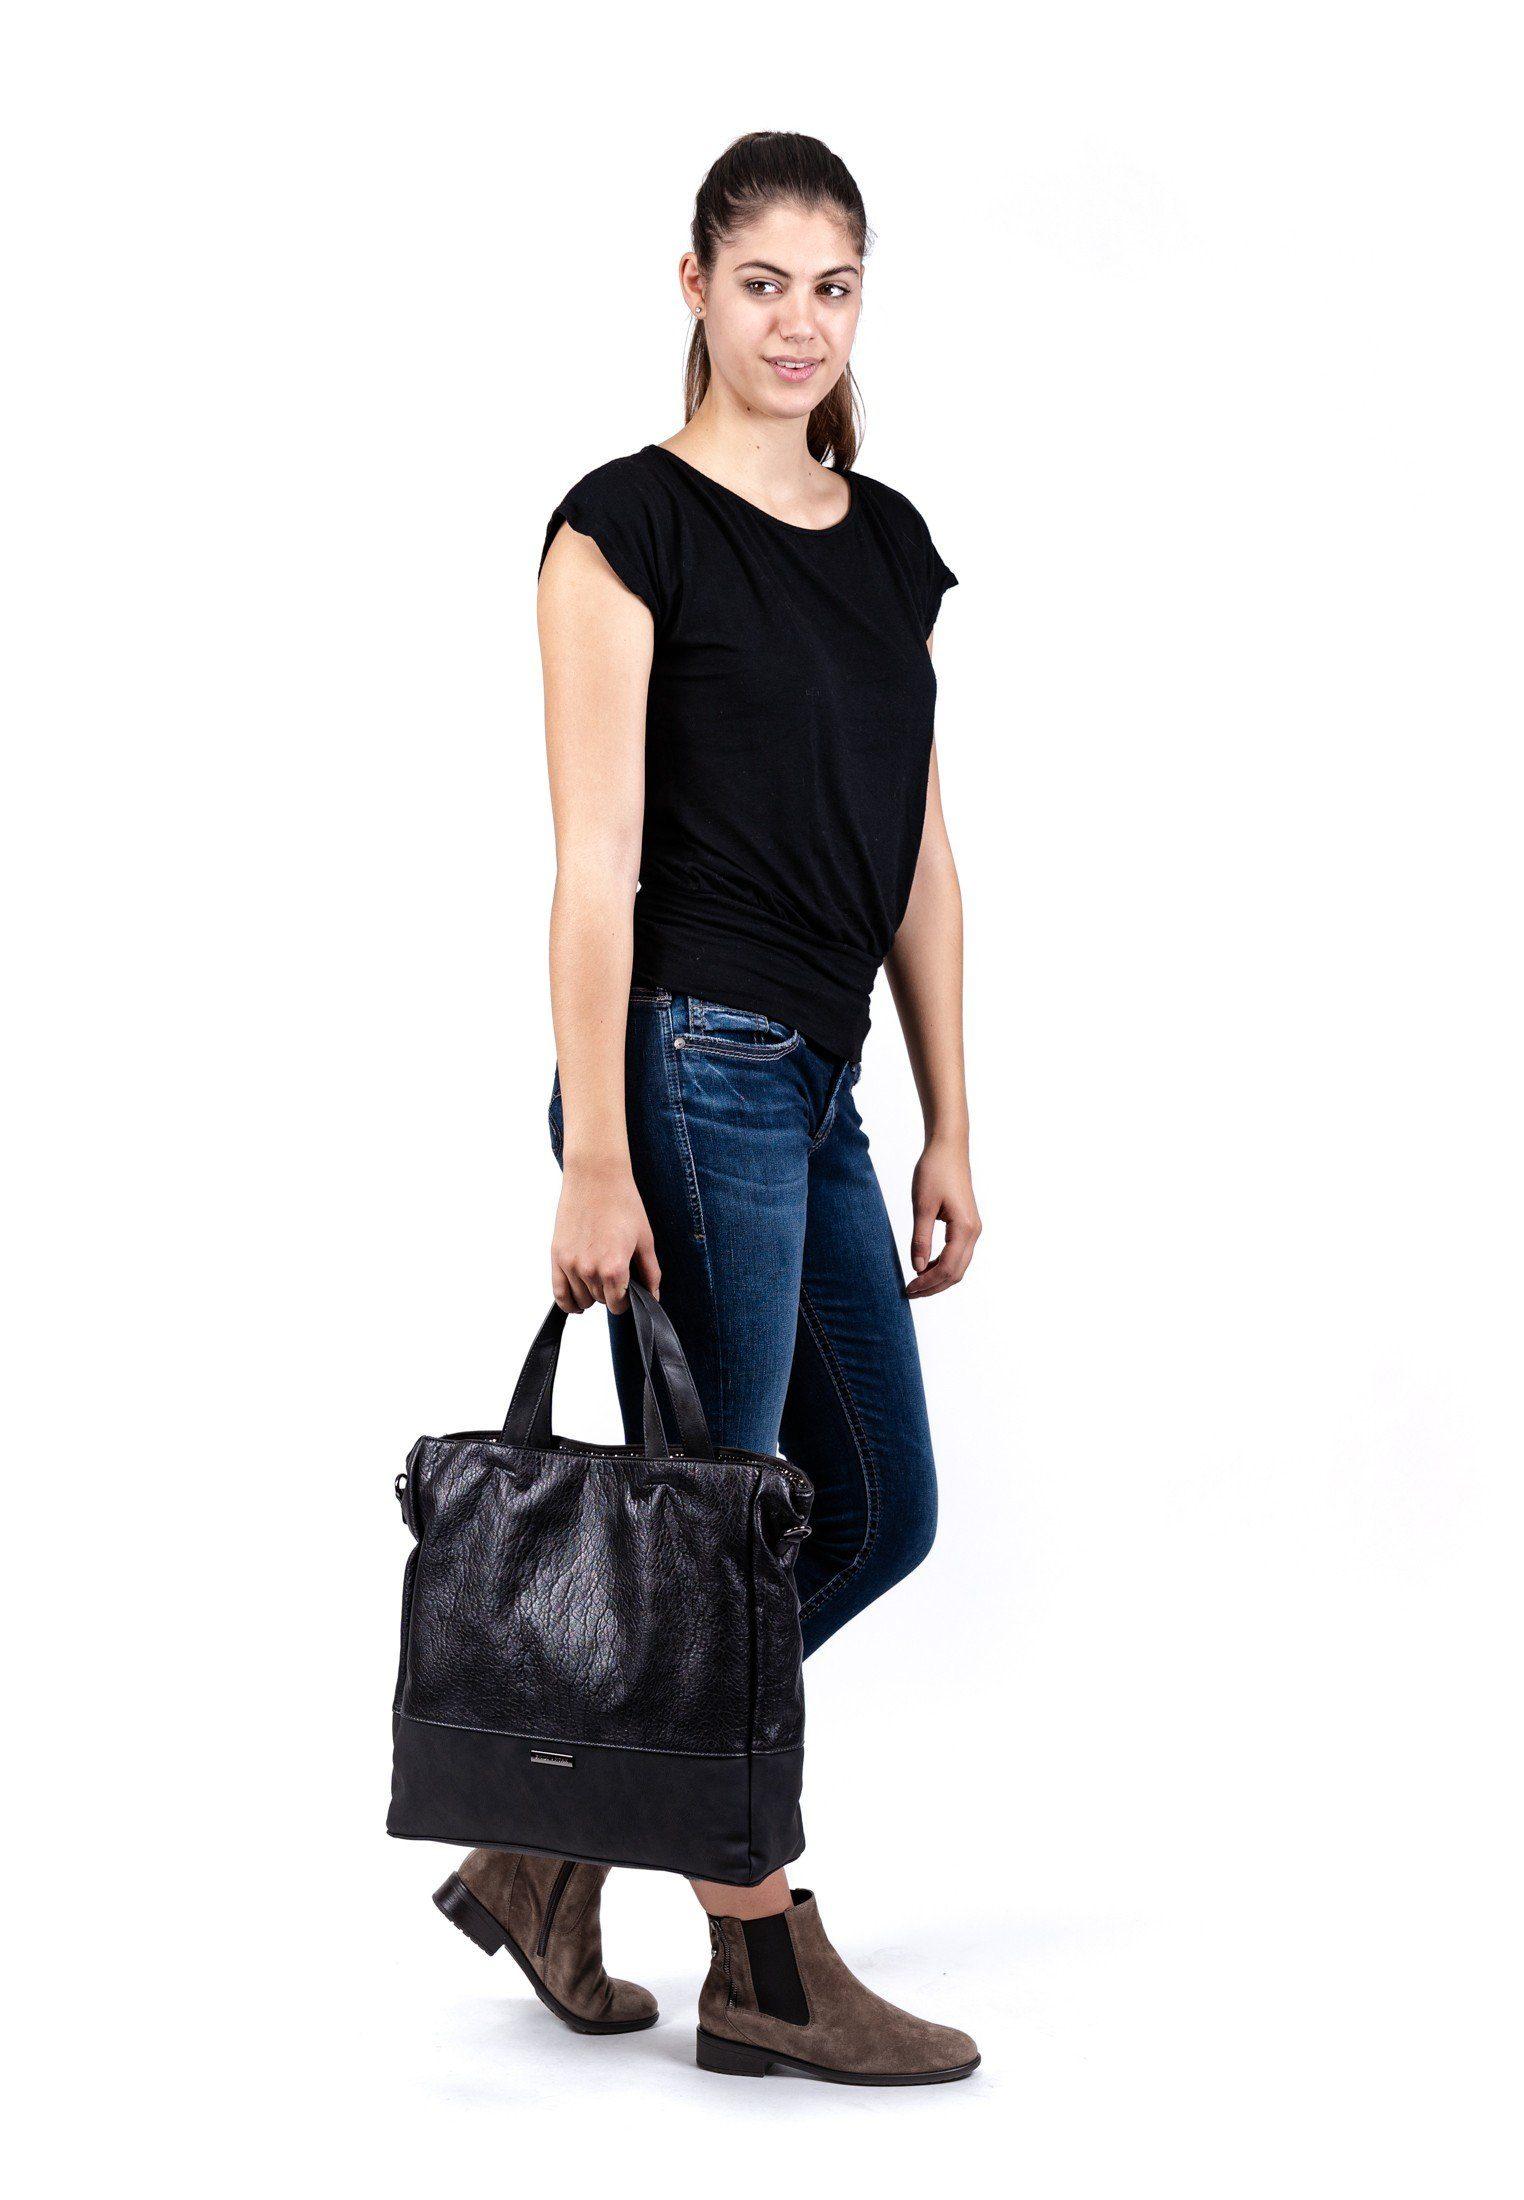 Emily 1 Special Shopper Noah 6509805299 amp; No Edition nr Marion Artikel rfYnWrT6Z